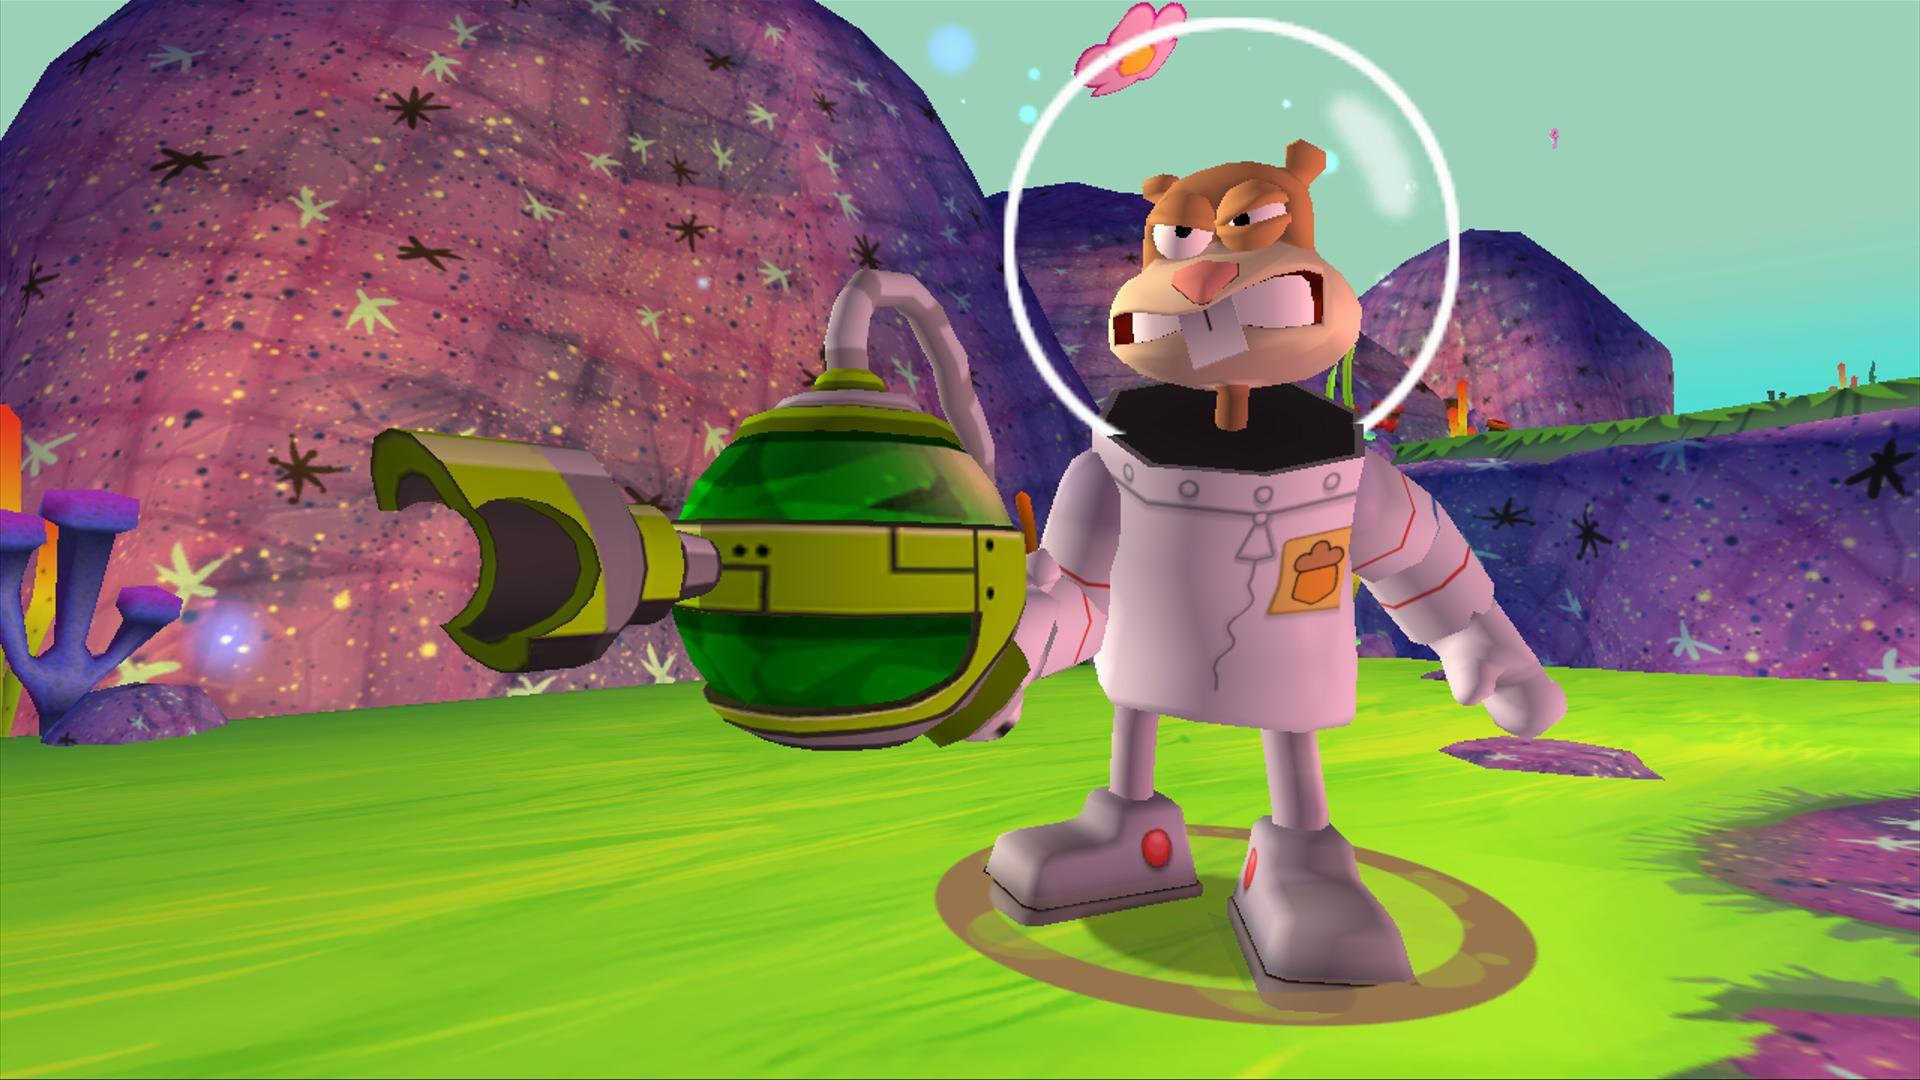 spongebob-schwammkopf-planktons-fiese-robo-rache-nat-games-02